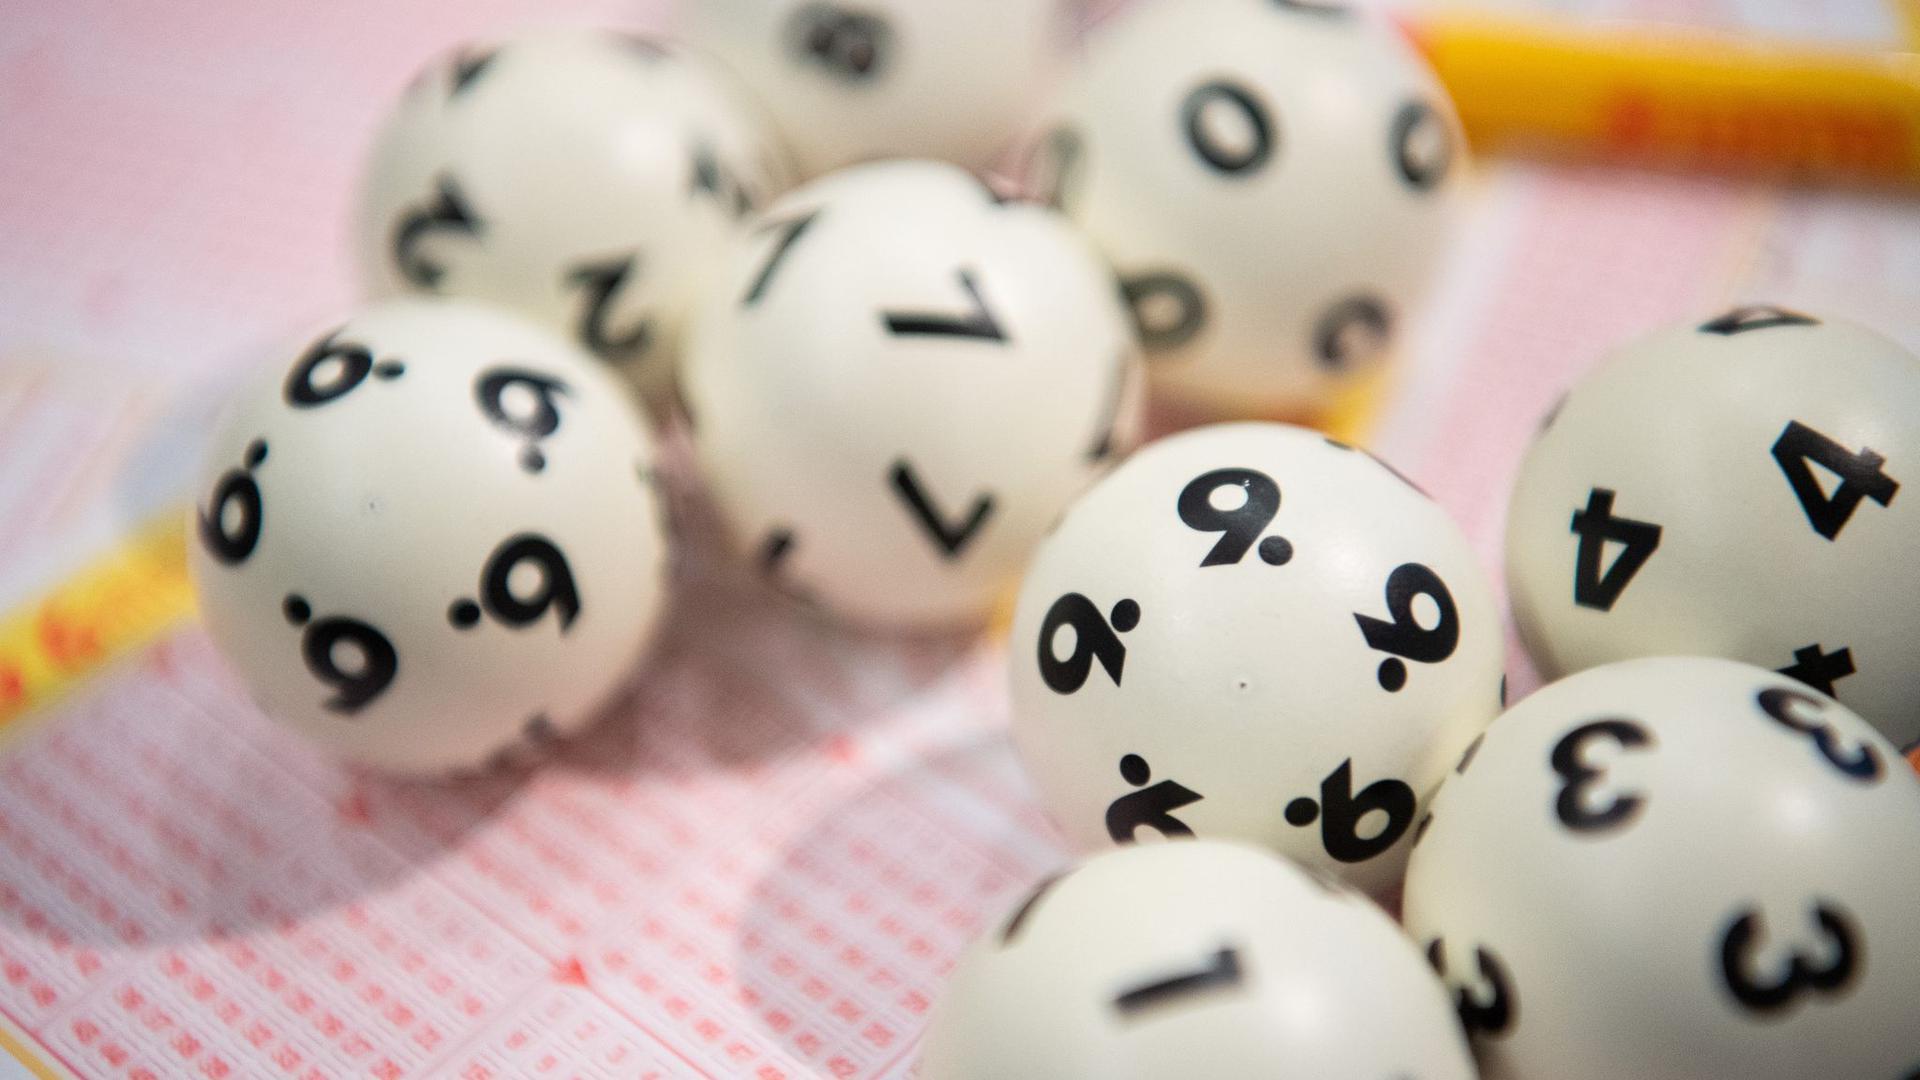 Jackpot knapp verpasst: Mit der passenden Superzahl wäre der Gewinn auf fast 18 Millionen Euro gestiegen. So blieb der Lotto-Jackpot bundesweit erneut unbesetzt.